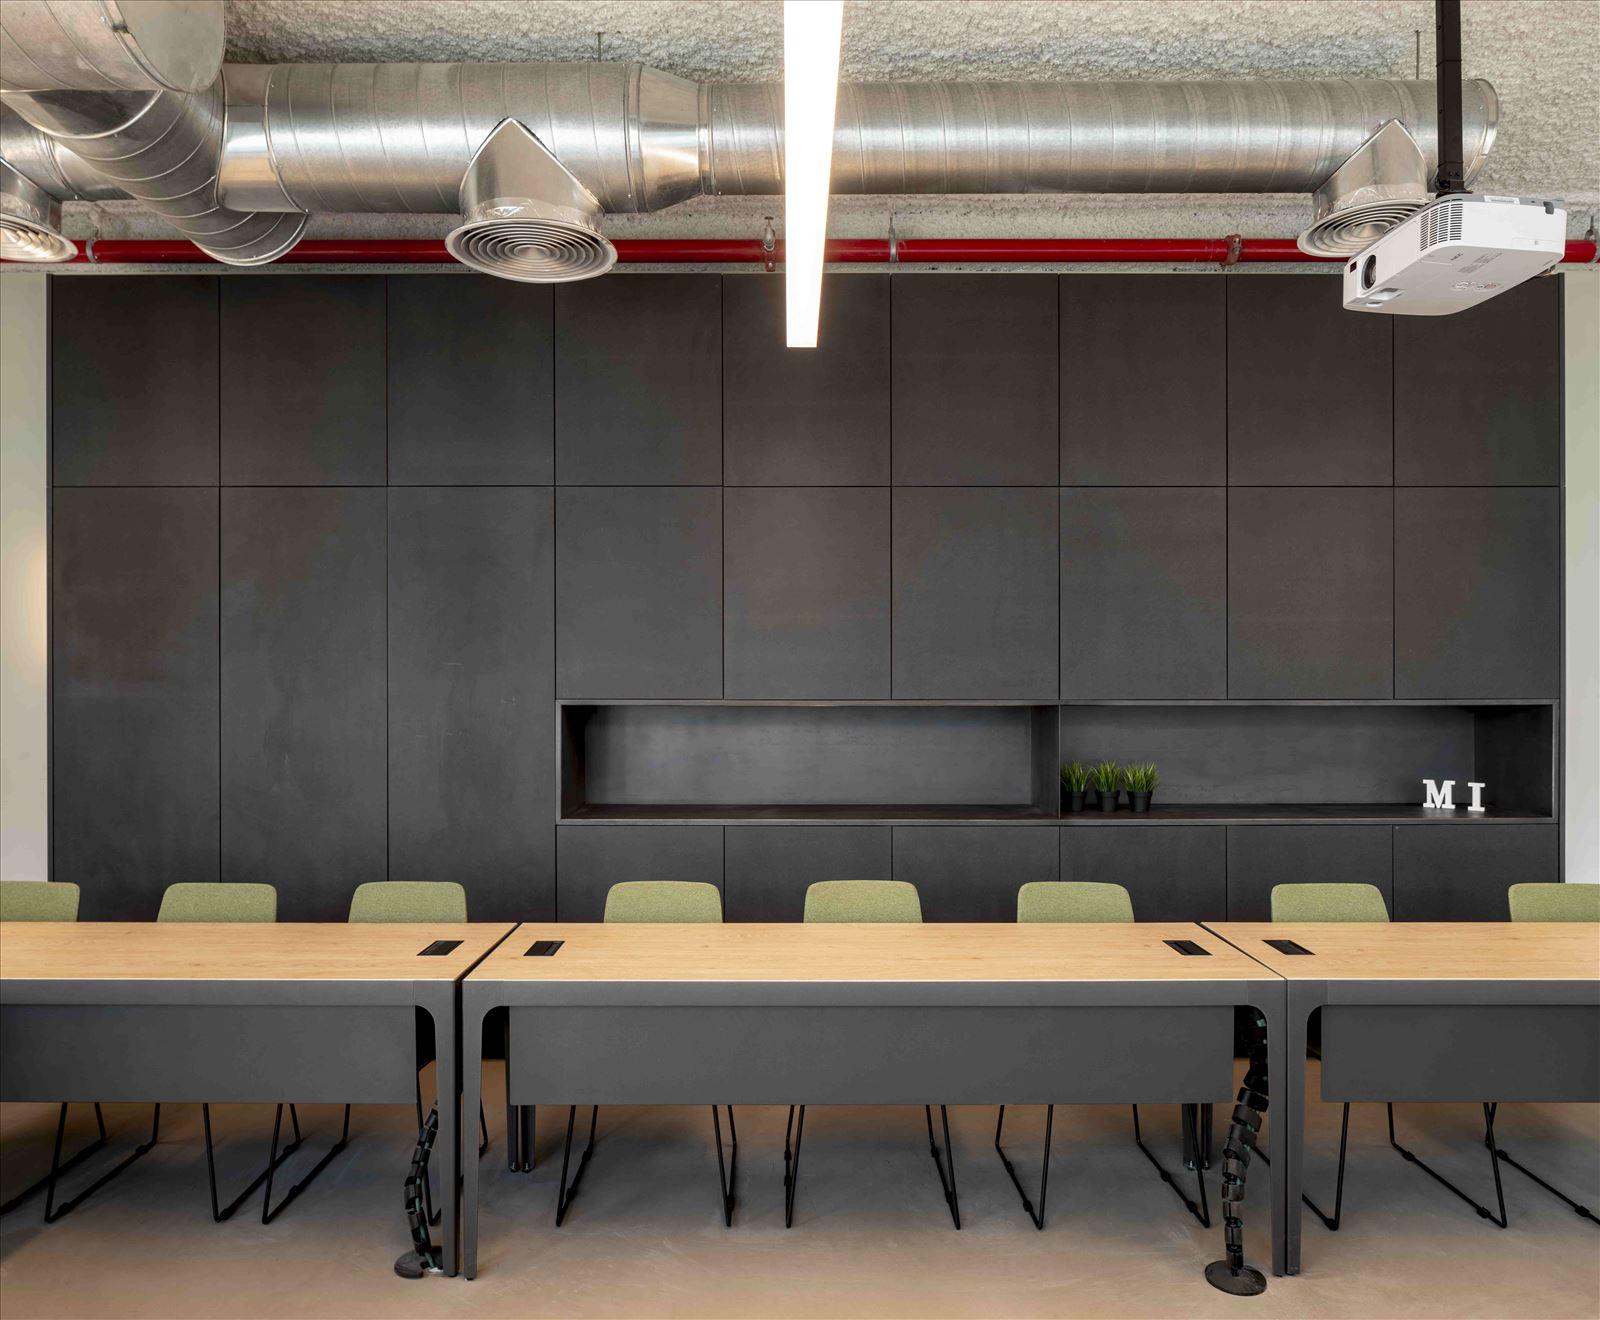 Office project גופי תאורה מרשימים מבית קמחי תאורה